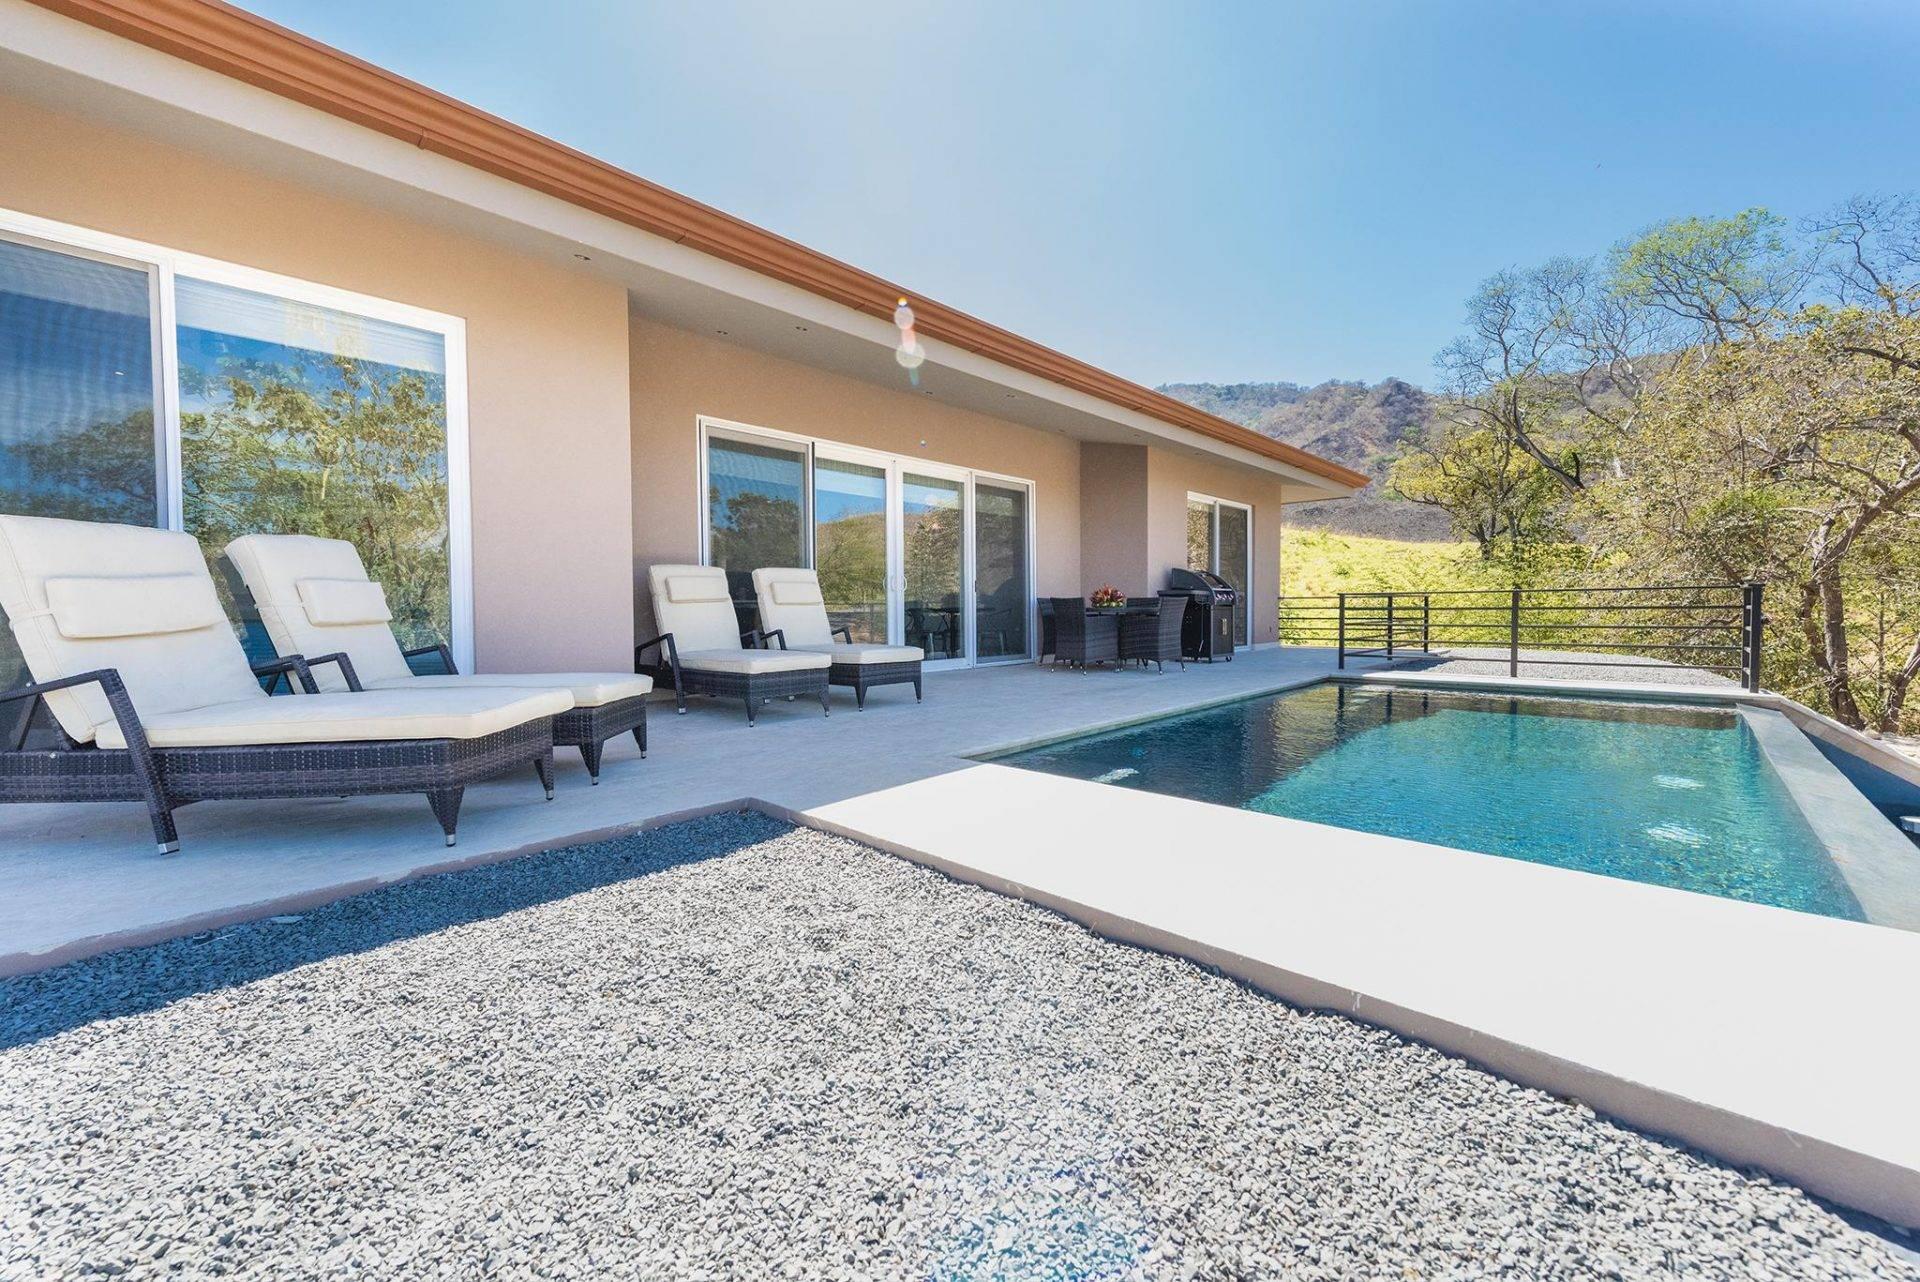 Dos Rios 52- Amazing Mountain View Home in Mar Vista